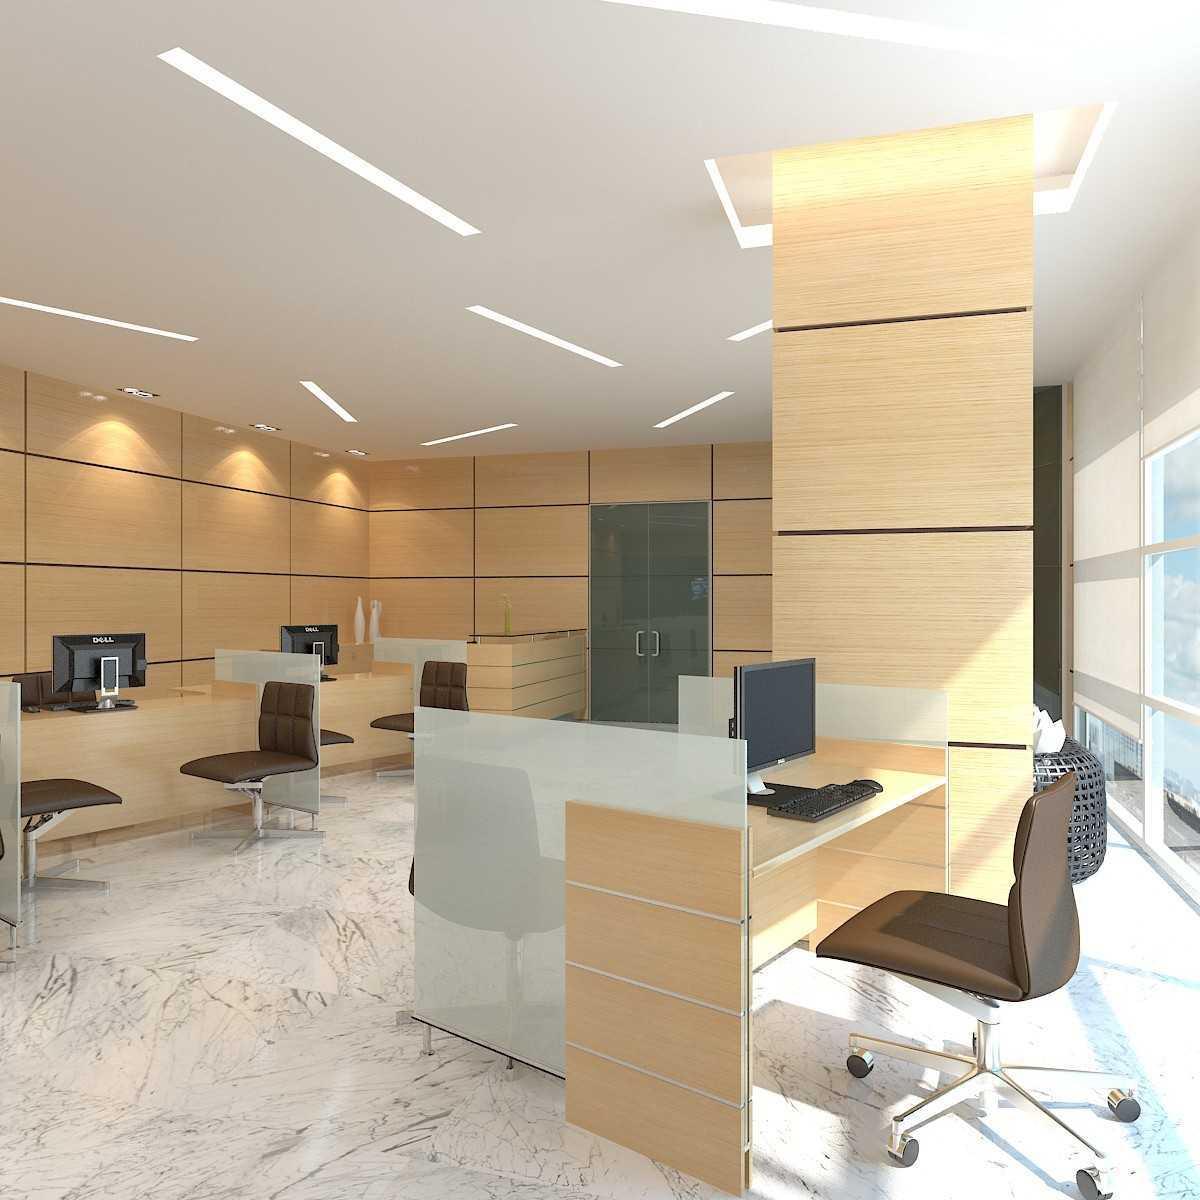 Jr Design Kantor Bank Bni West Jakarta, Kebon Jeruk, West Jakarta City, Jakarta, Indonesia West Jakarta, Kebon Jeruk, West Jakarta City, Jakarta, Indonesia Img0525 Modern 32059